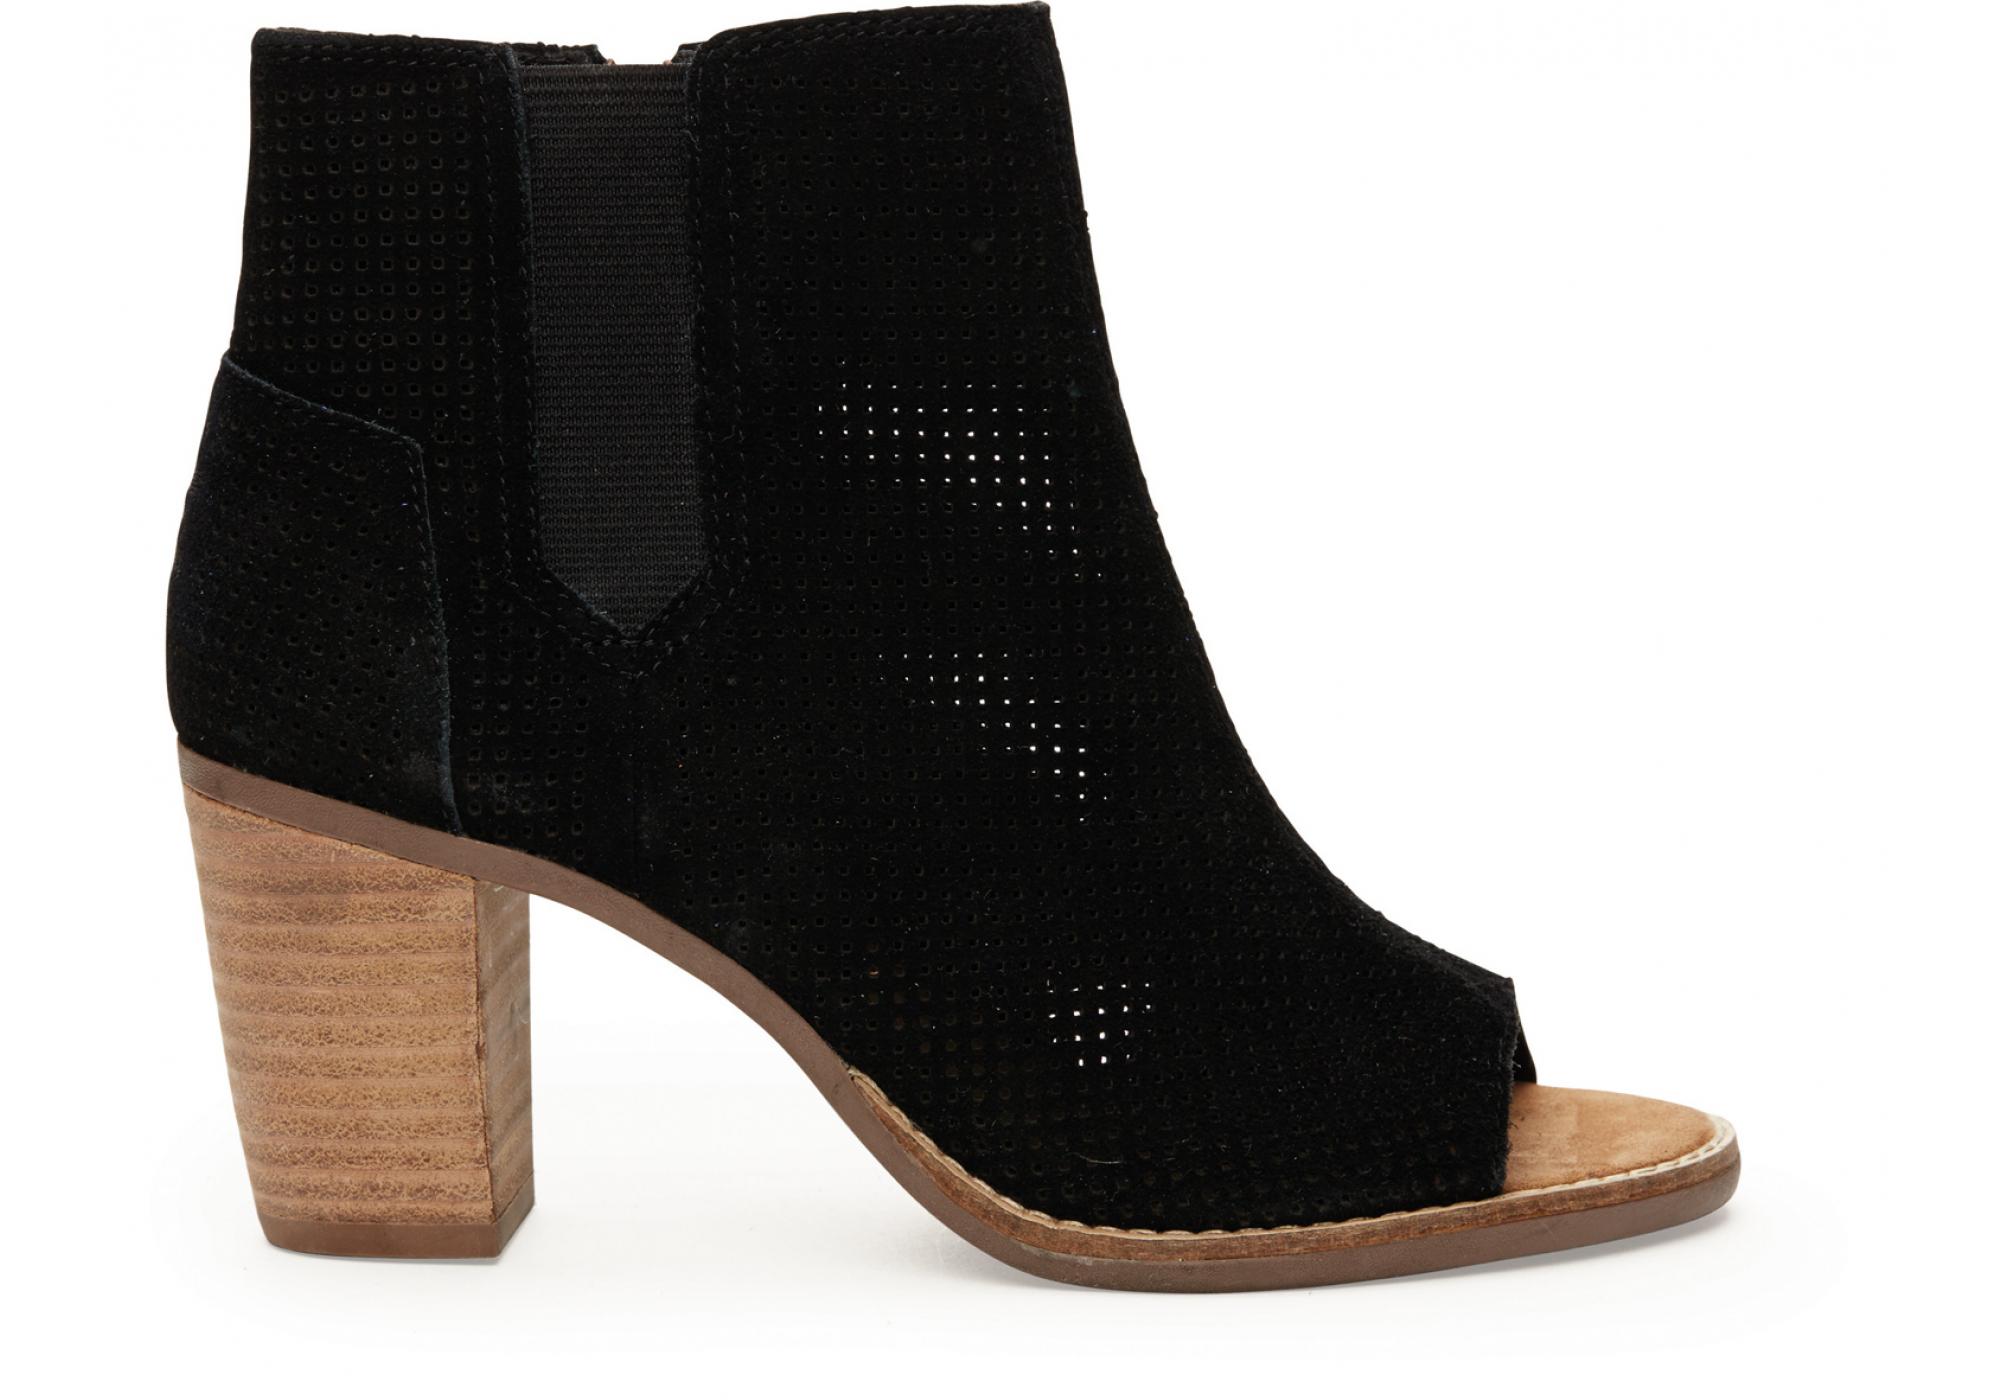 957d76114f8 Černé dámské semišové boty na podpatku TOMS